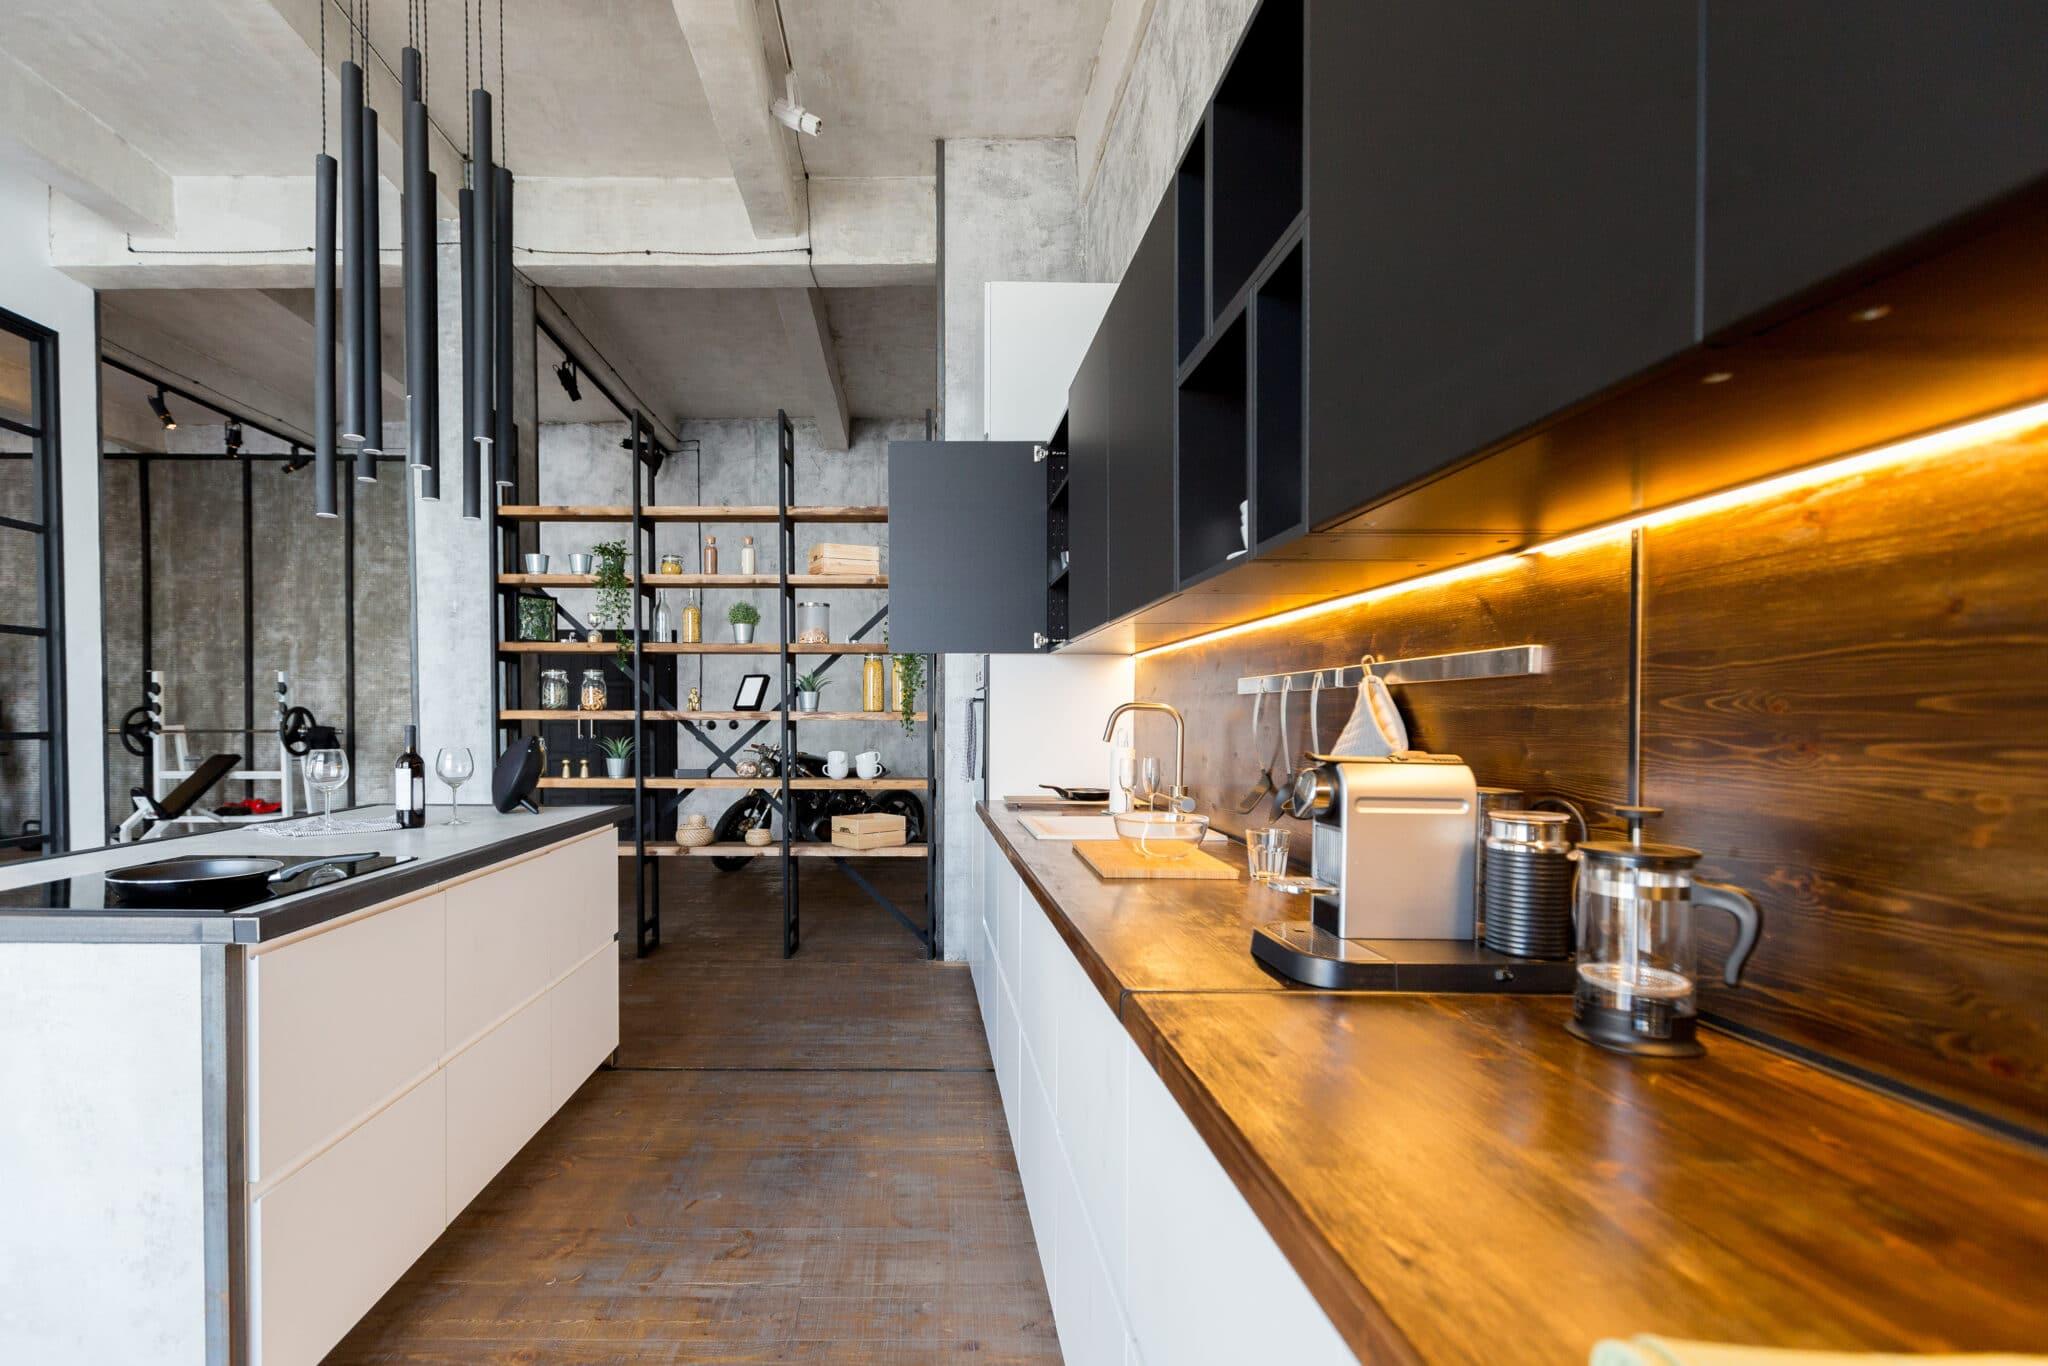 מטבחים מעץ מעצבי מטבחים קלאסיים בעלי הבחנה מקצועית עם אדיבות ושירות מהיר שיודעים לבנות ולהתאים מטבחים בד בבד אפיון דרישות הלקוח ומסירת המטבח